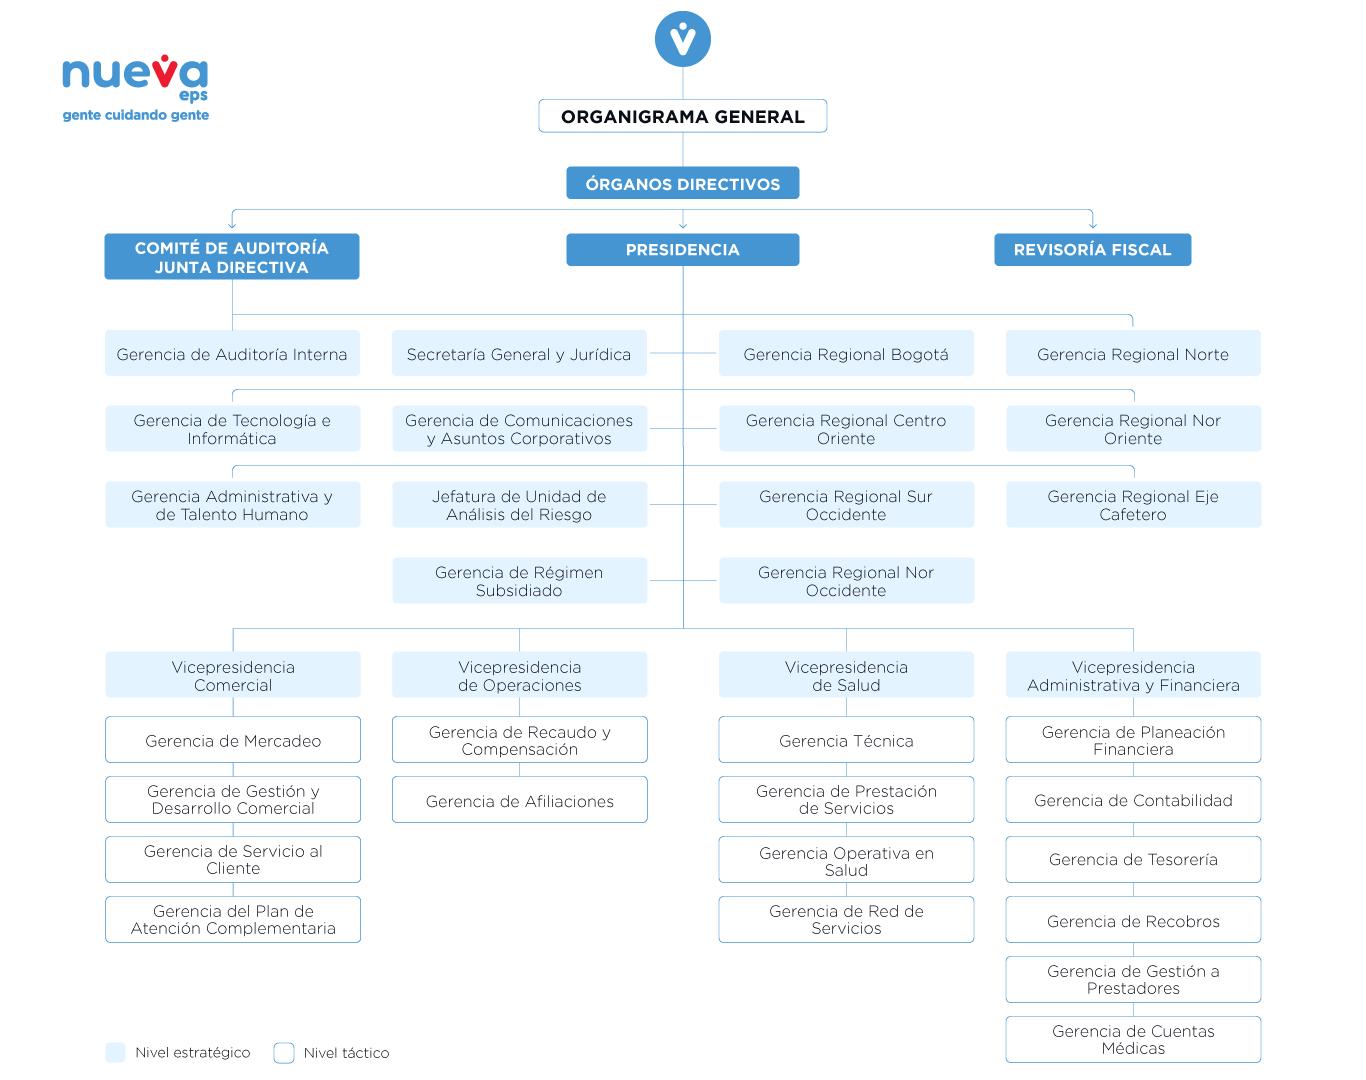 Estructura Organizacional Nueva Eps